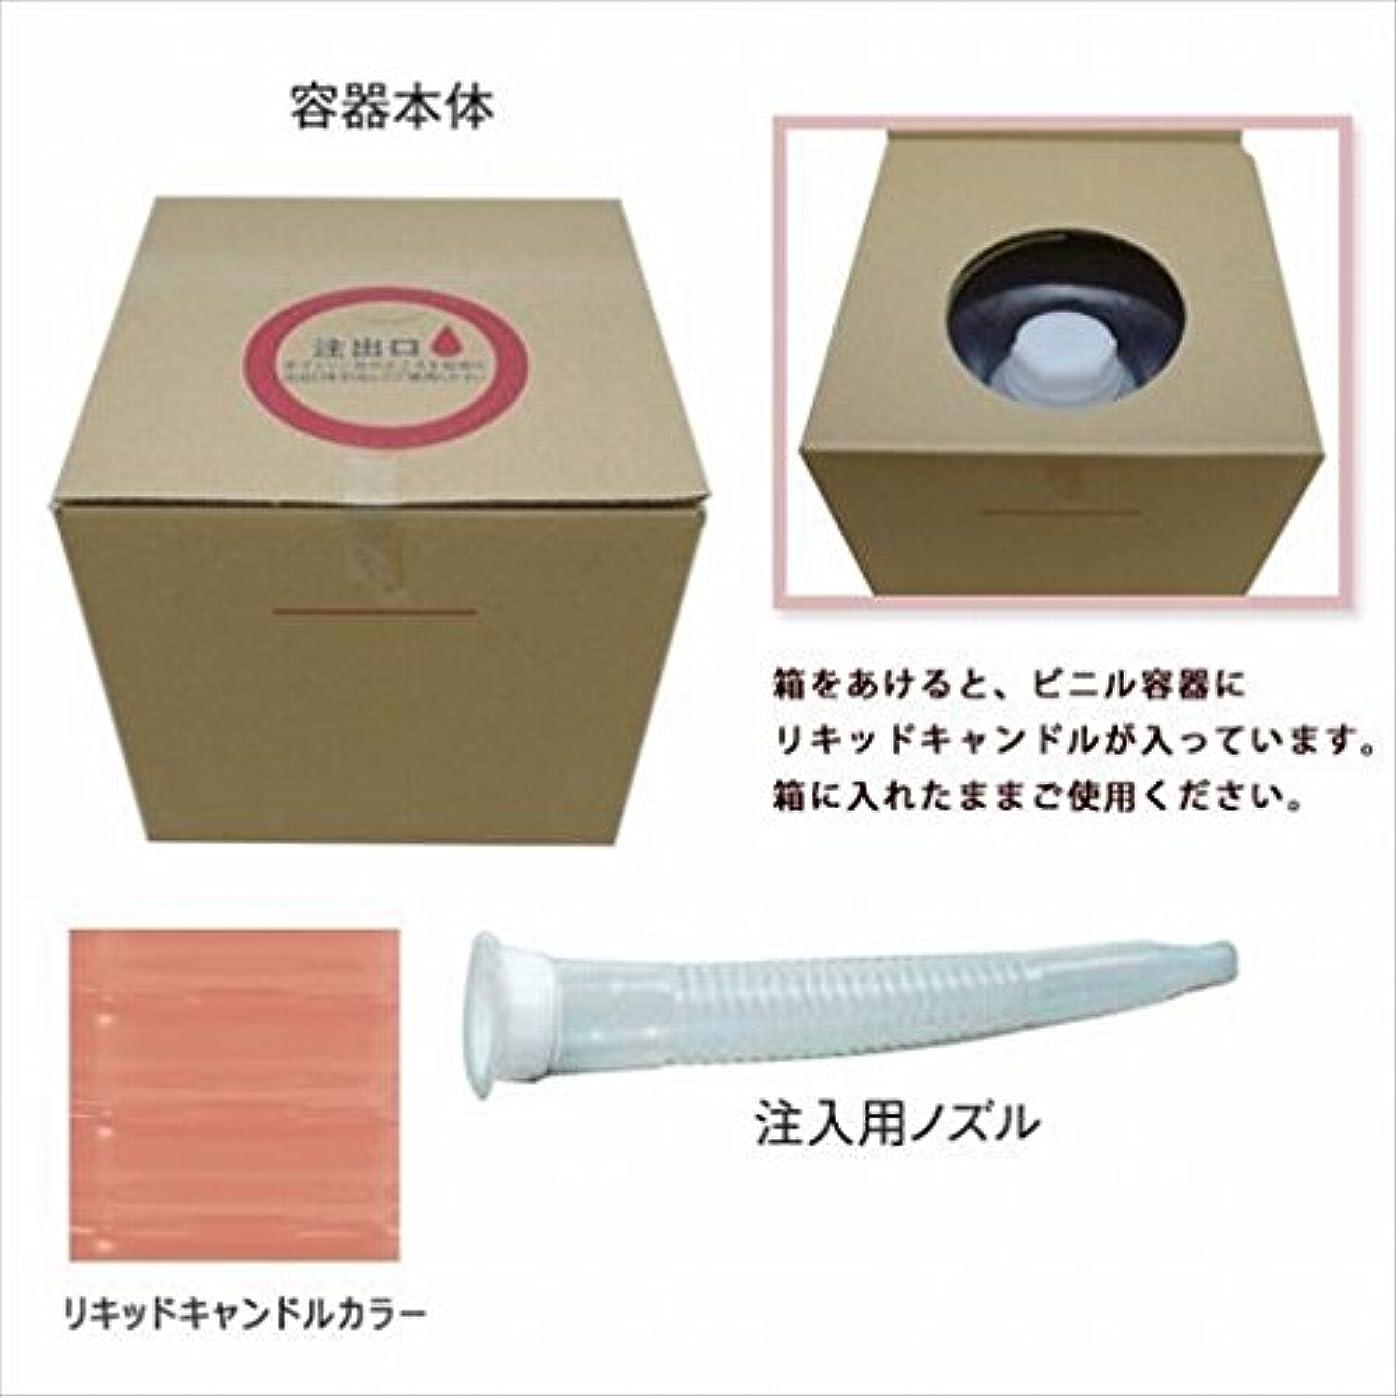 記録サスティーン修復カメヤマキャンドル( kameyama candle ) リキッドキャンドル5リットル 「 ピンクゴールド 」